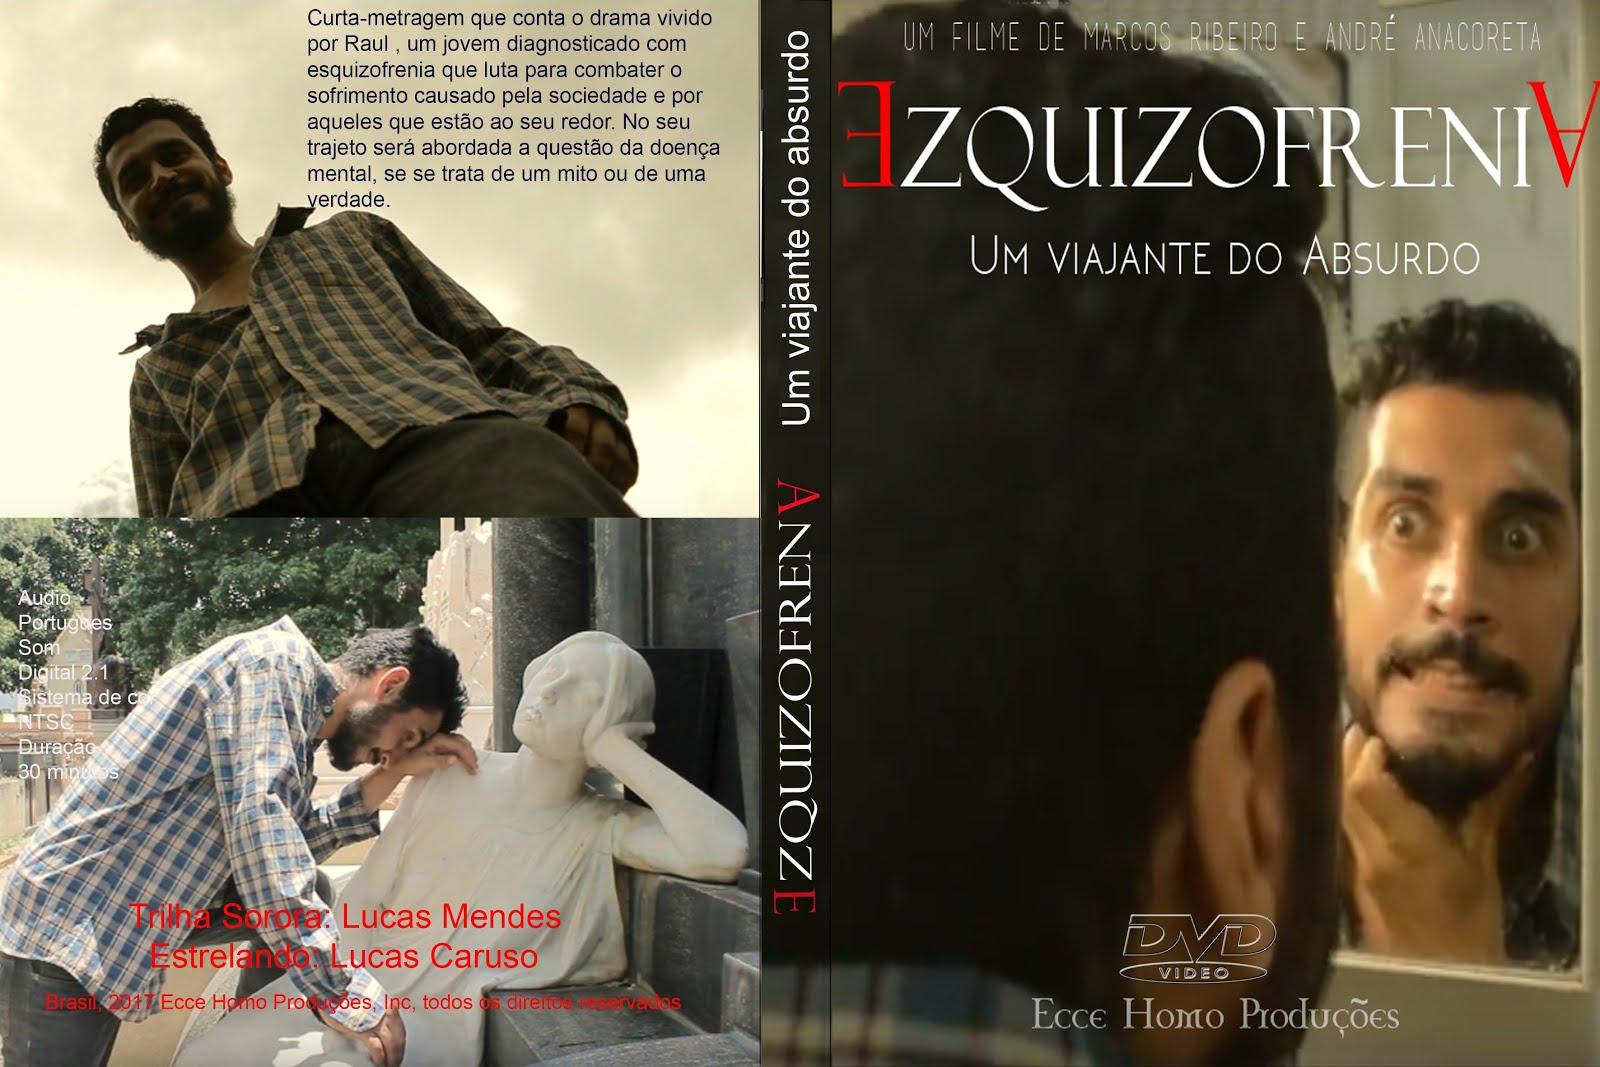 Curta-metragem: Esquizofrenia - Um Viajante do Absurdo